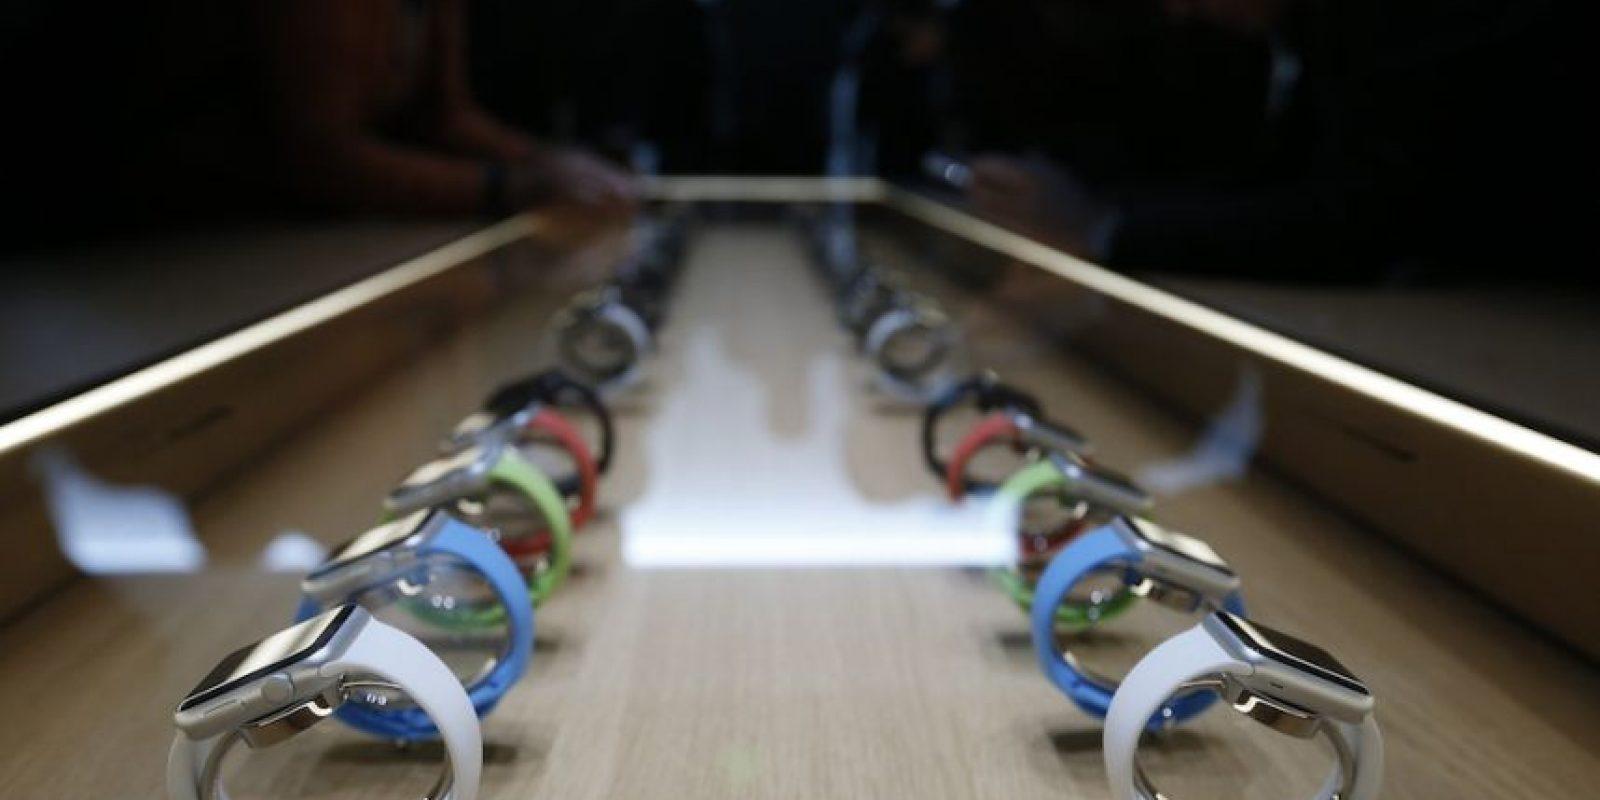 El director ejecutivo afirmó que la empresa está lista para distribuir el reloj inteligente. Foto:Getty Images